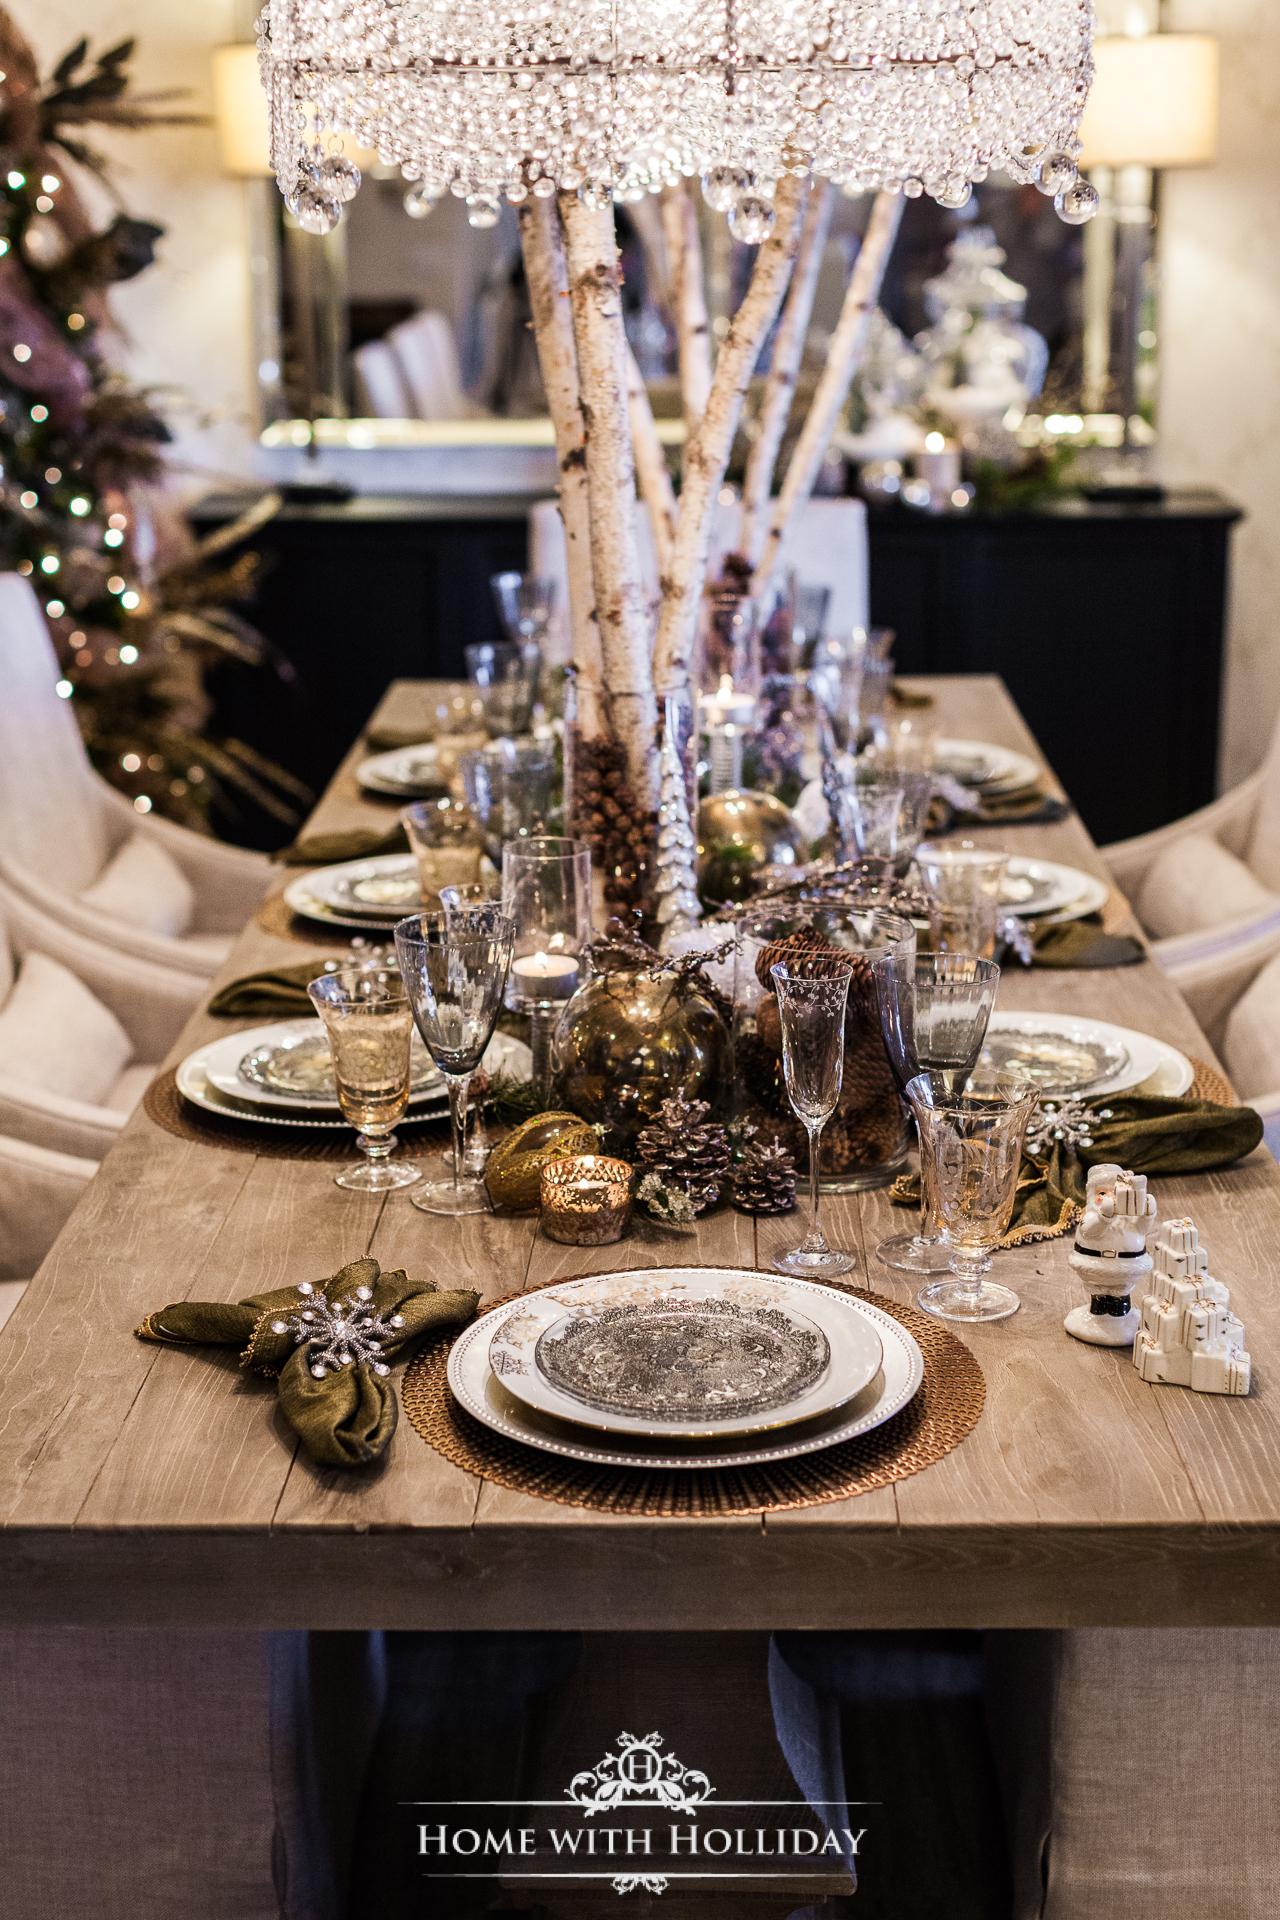 Christmas Decorating Ideas - Mix Metallics